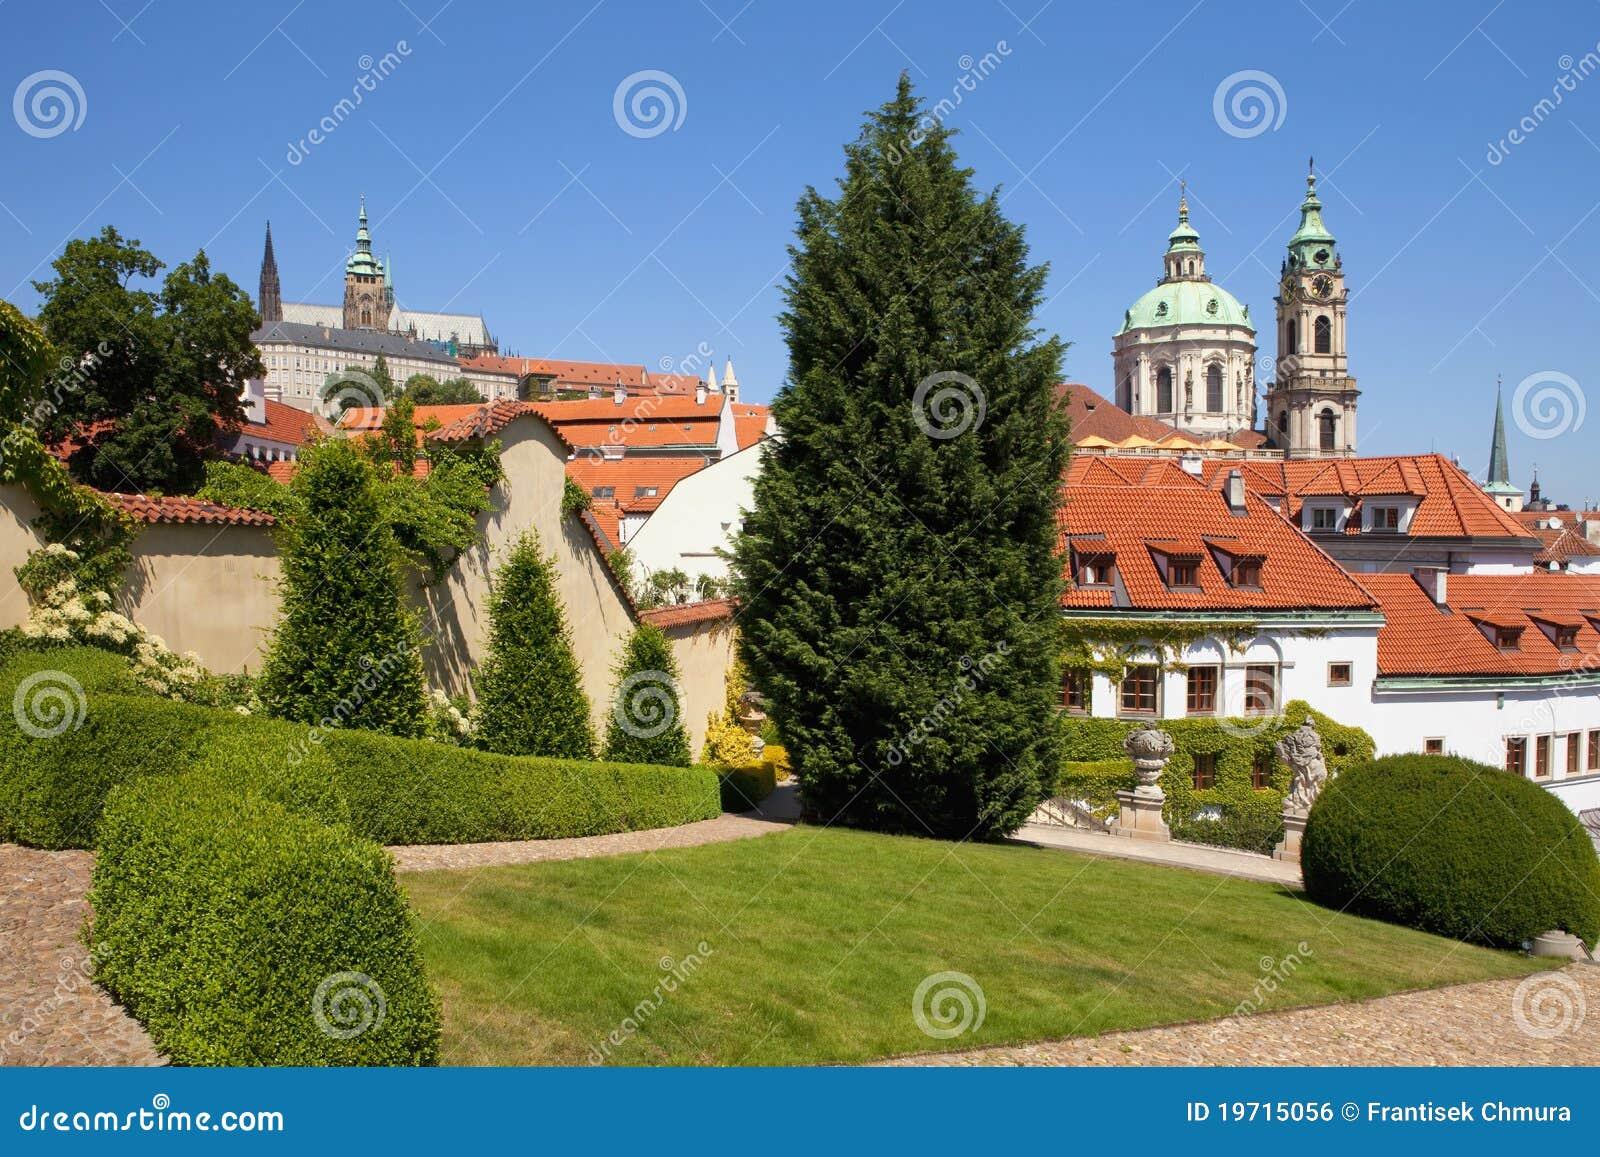 vrtba garden prague czech - photo #15